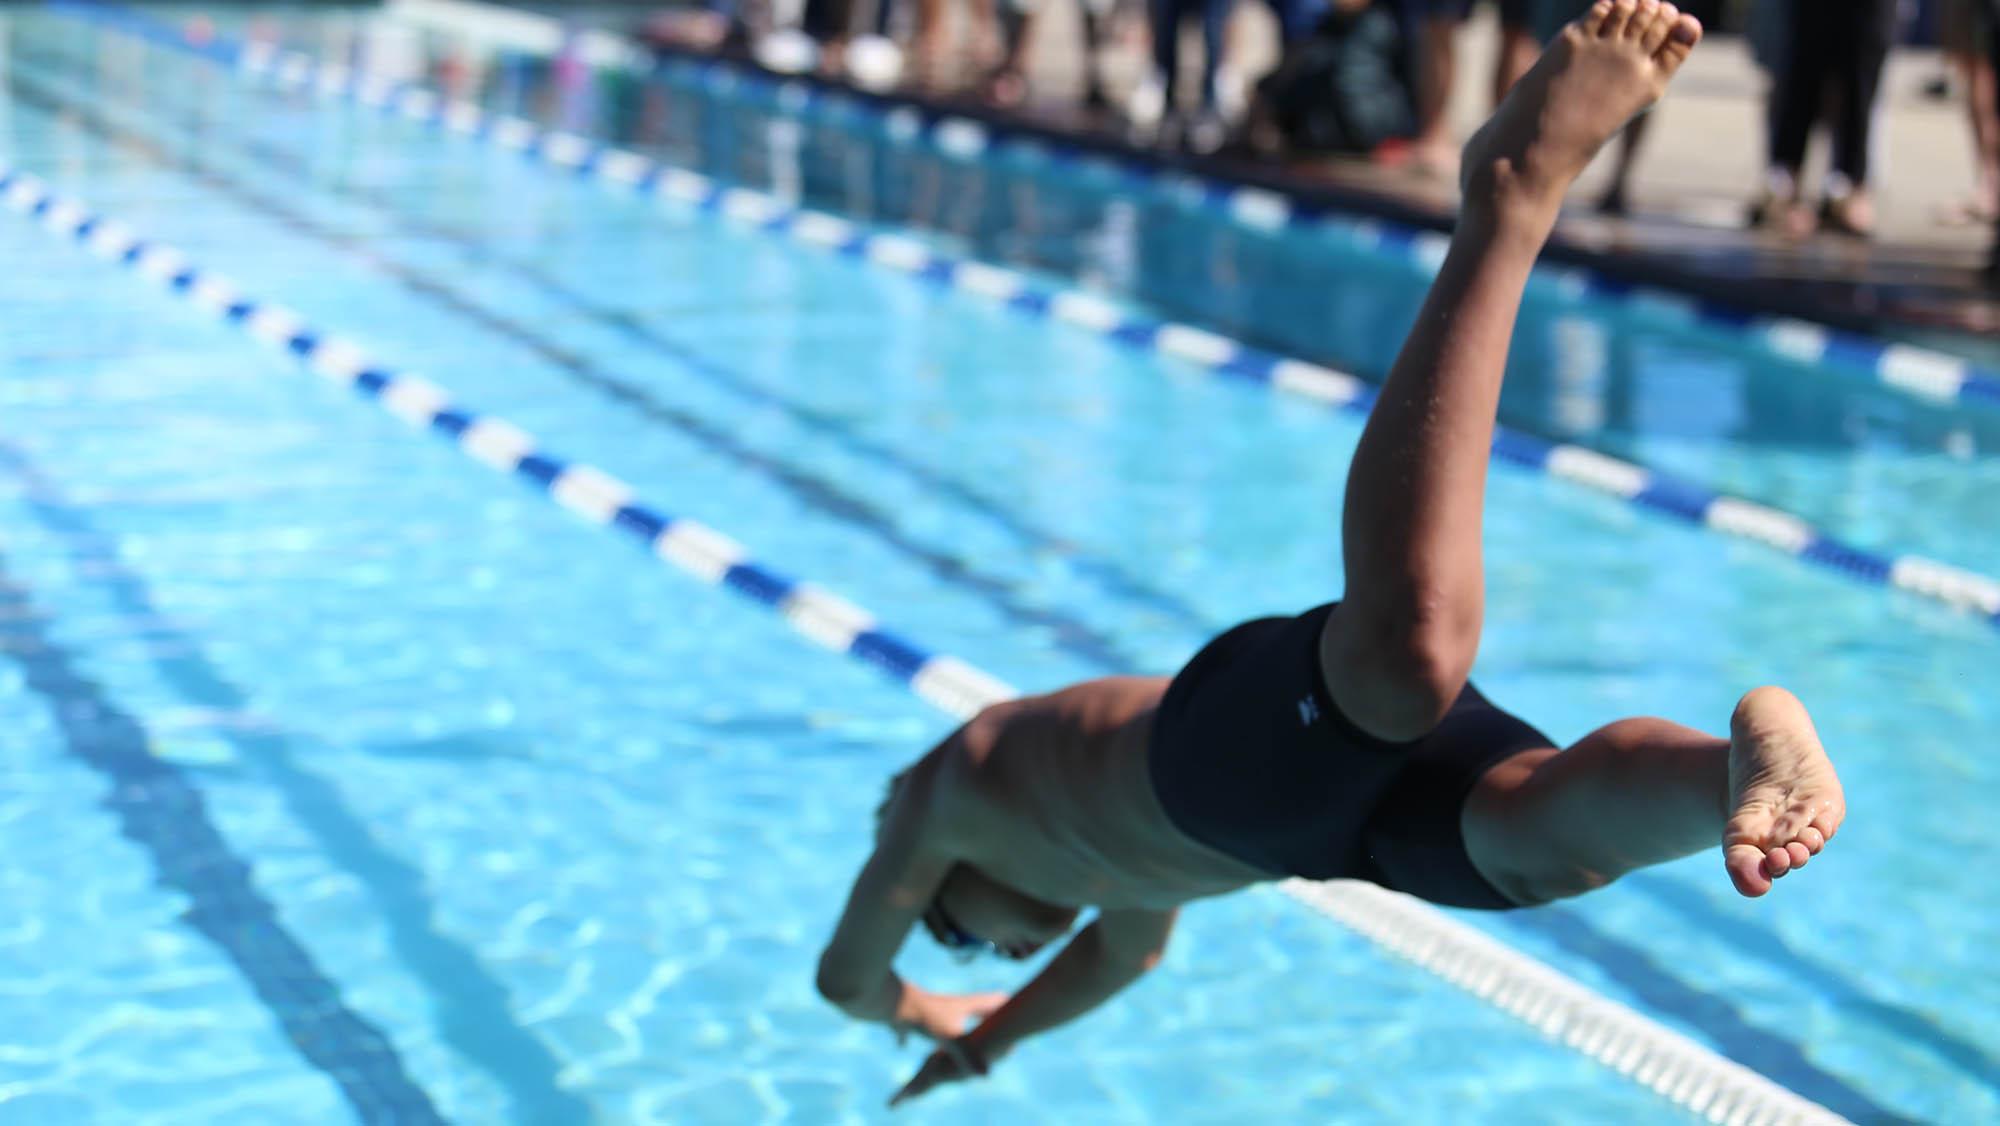 Boy diving into swimming pool lane